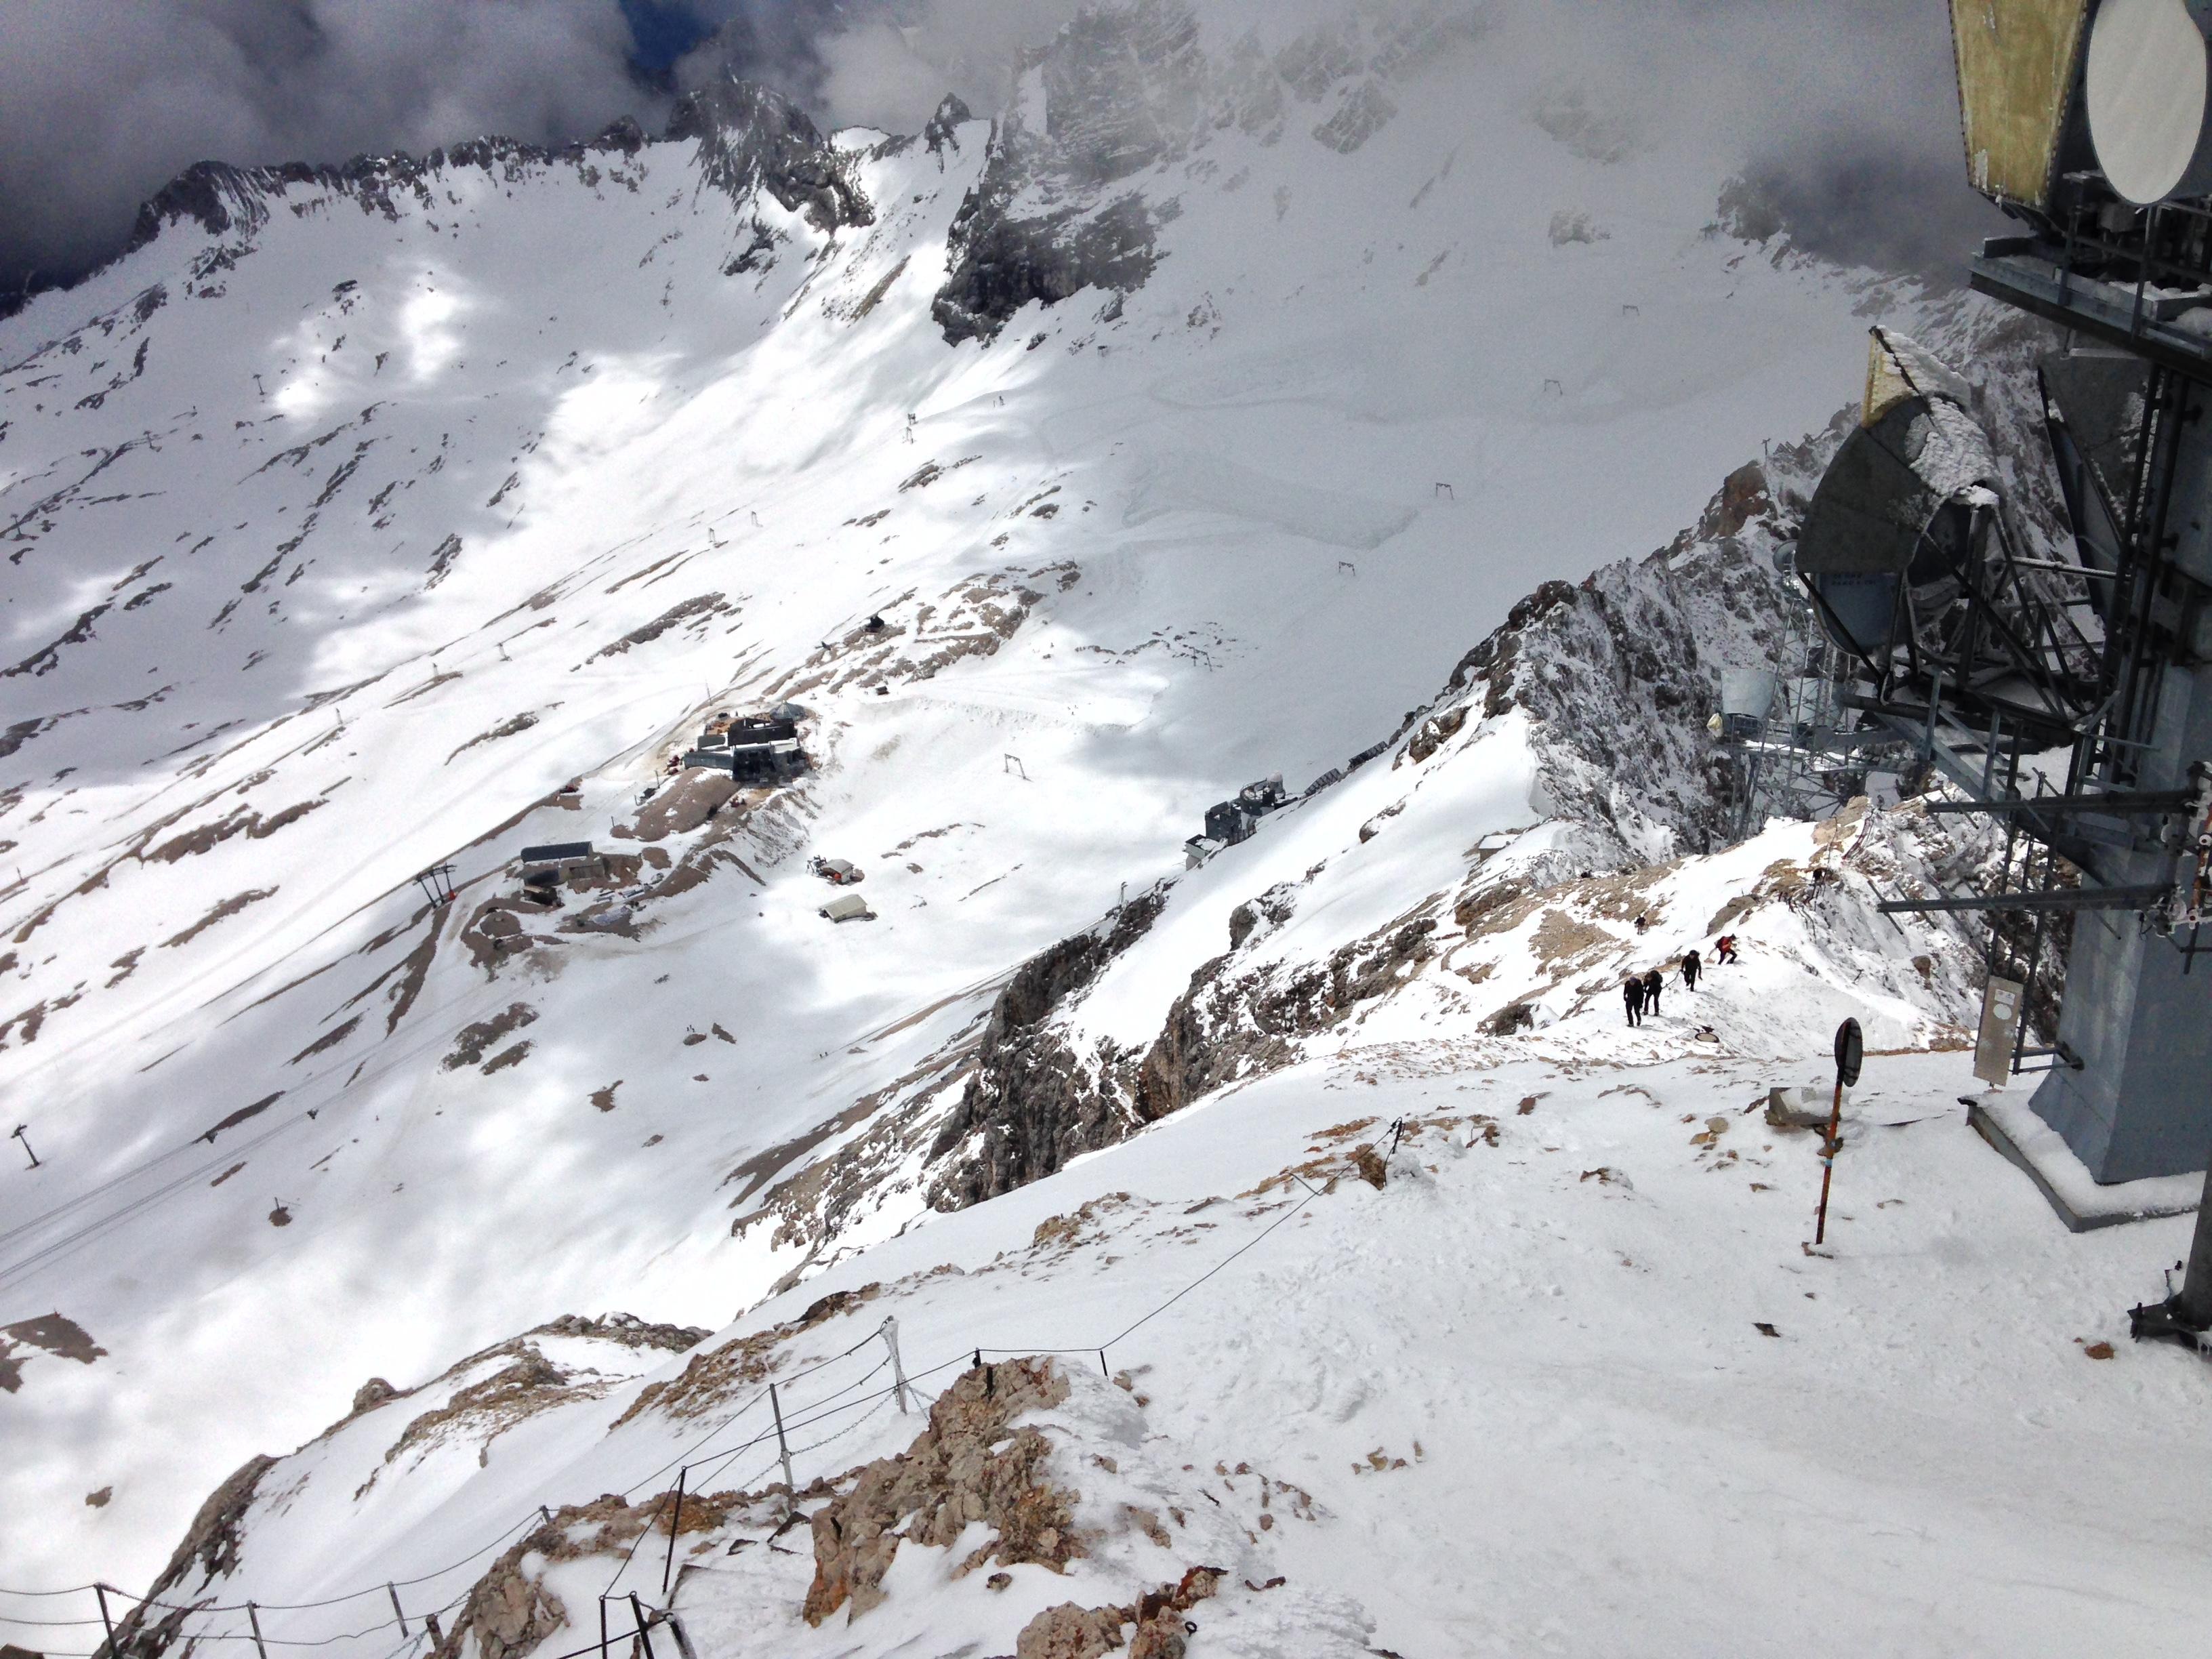 Schneebedeckter Aufstieg zum Gipfel, Durchs Reintal auf die Zugspitze Hüttentour Fjella